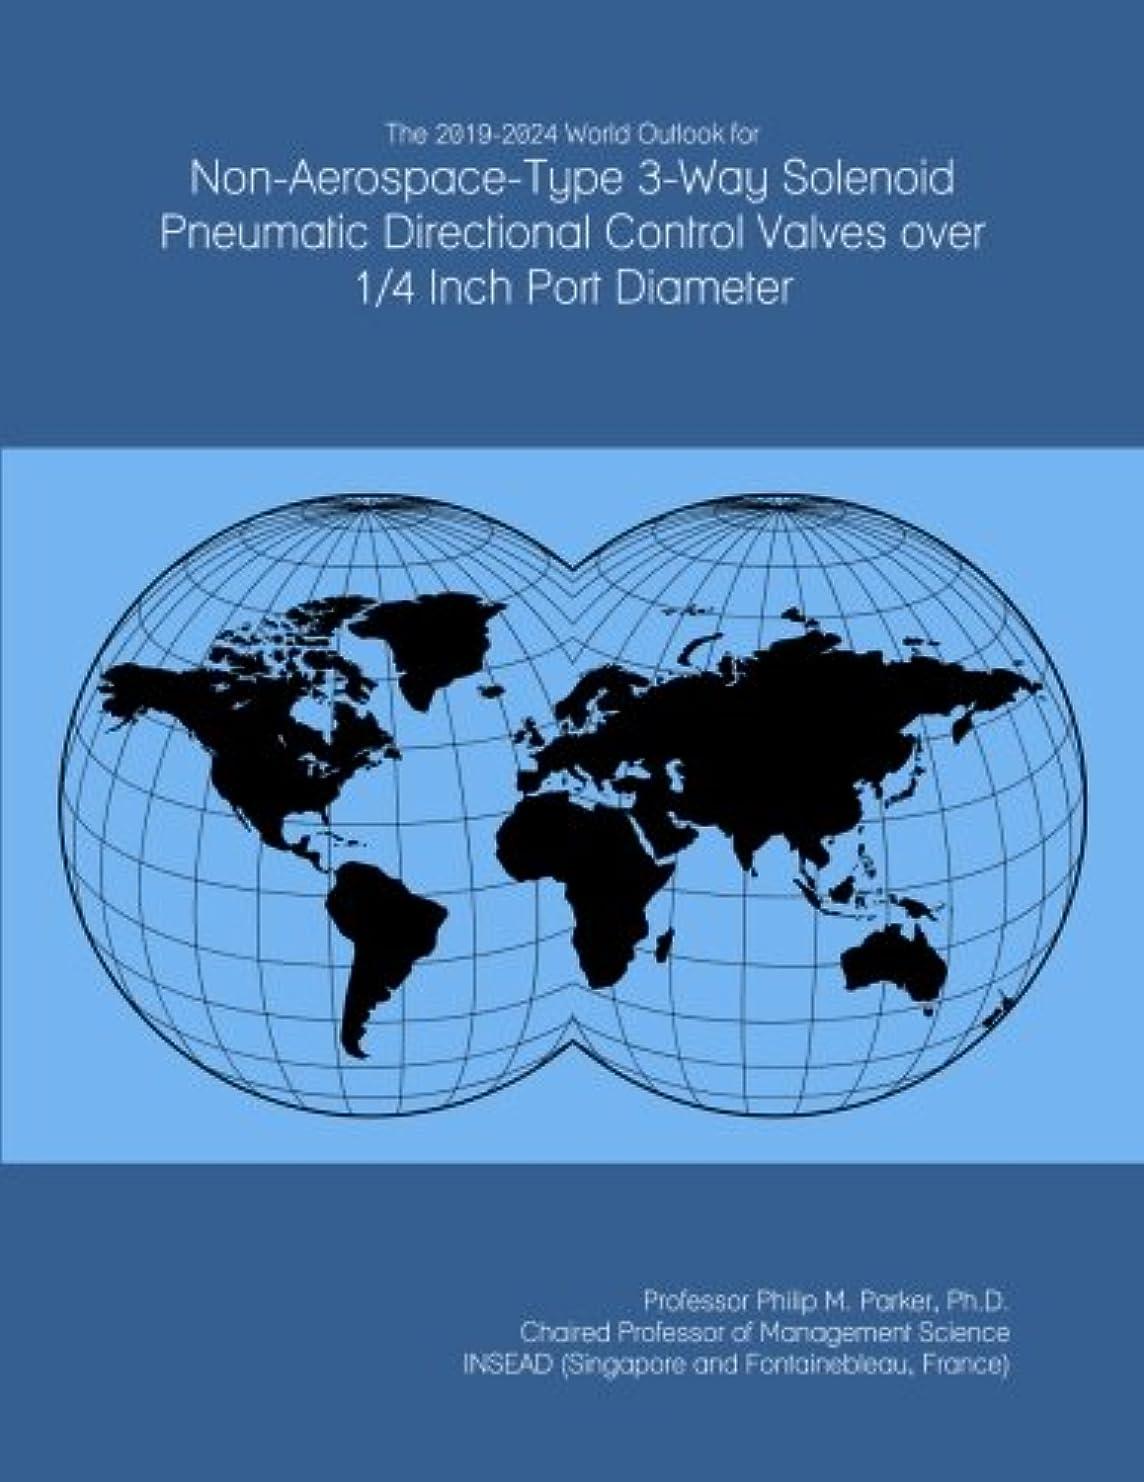 ナット島スプリットThe 2019-2024 World Outlook for Non-Aerospace-Type 3-Way Solenoid Pneumatic Directional Control Valves over 1/4 Inch Port Diameter